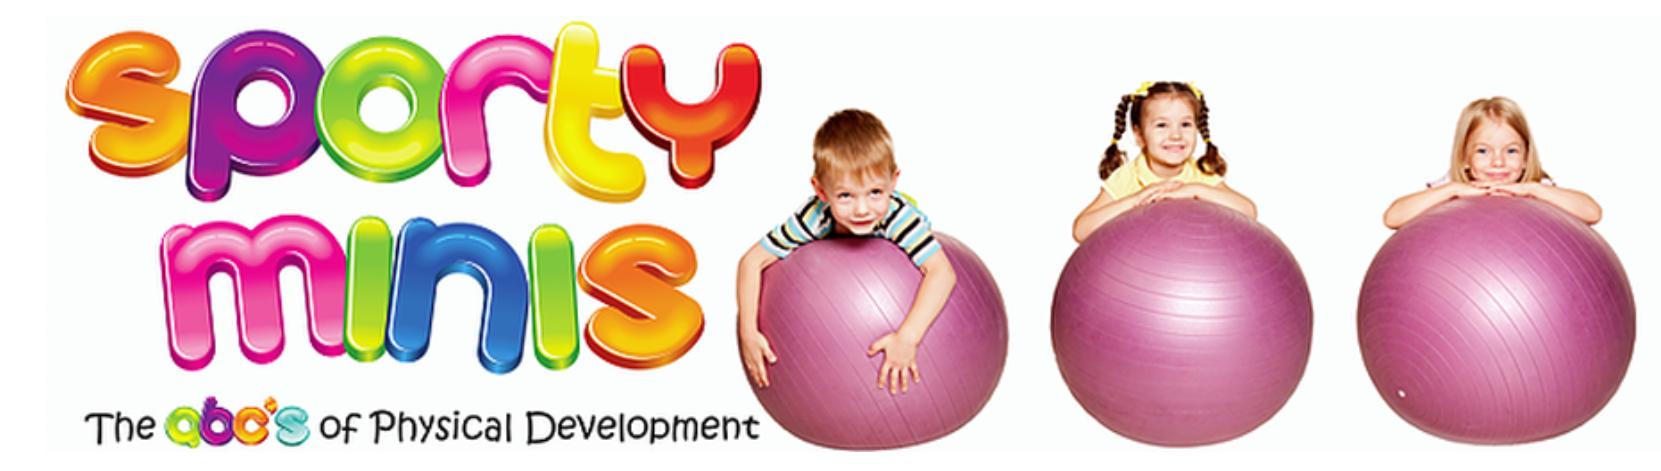 Sporty Minis Logo